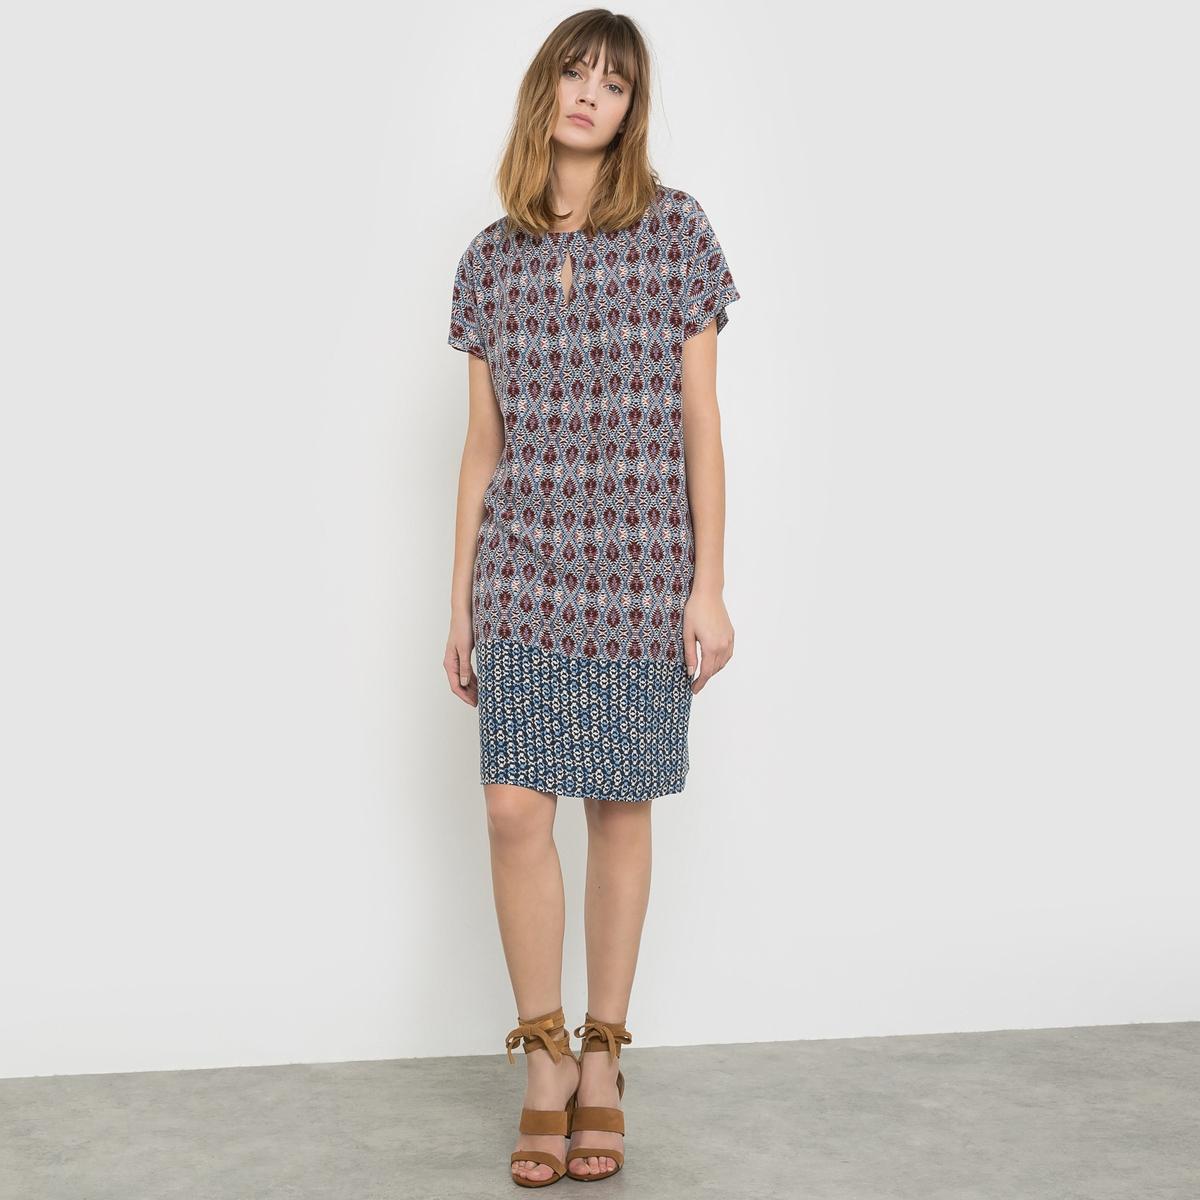 Платье прямого покроя с короткими рукавами и рисунком платье прямого покроя с короткими рукавами и рисунком